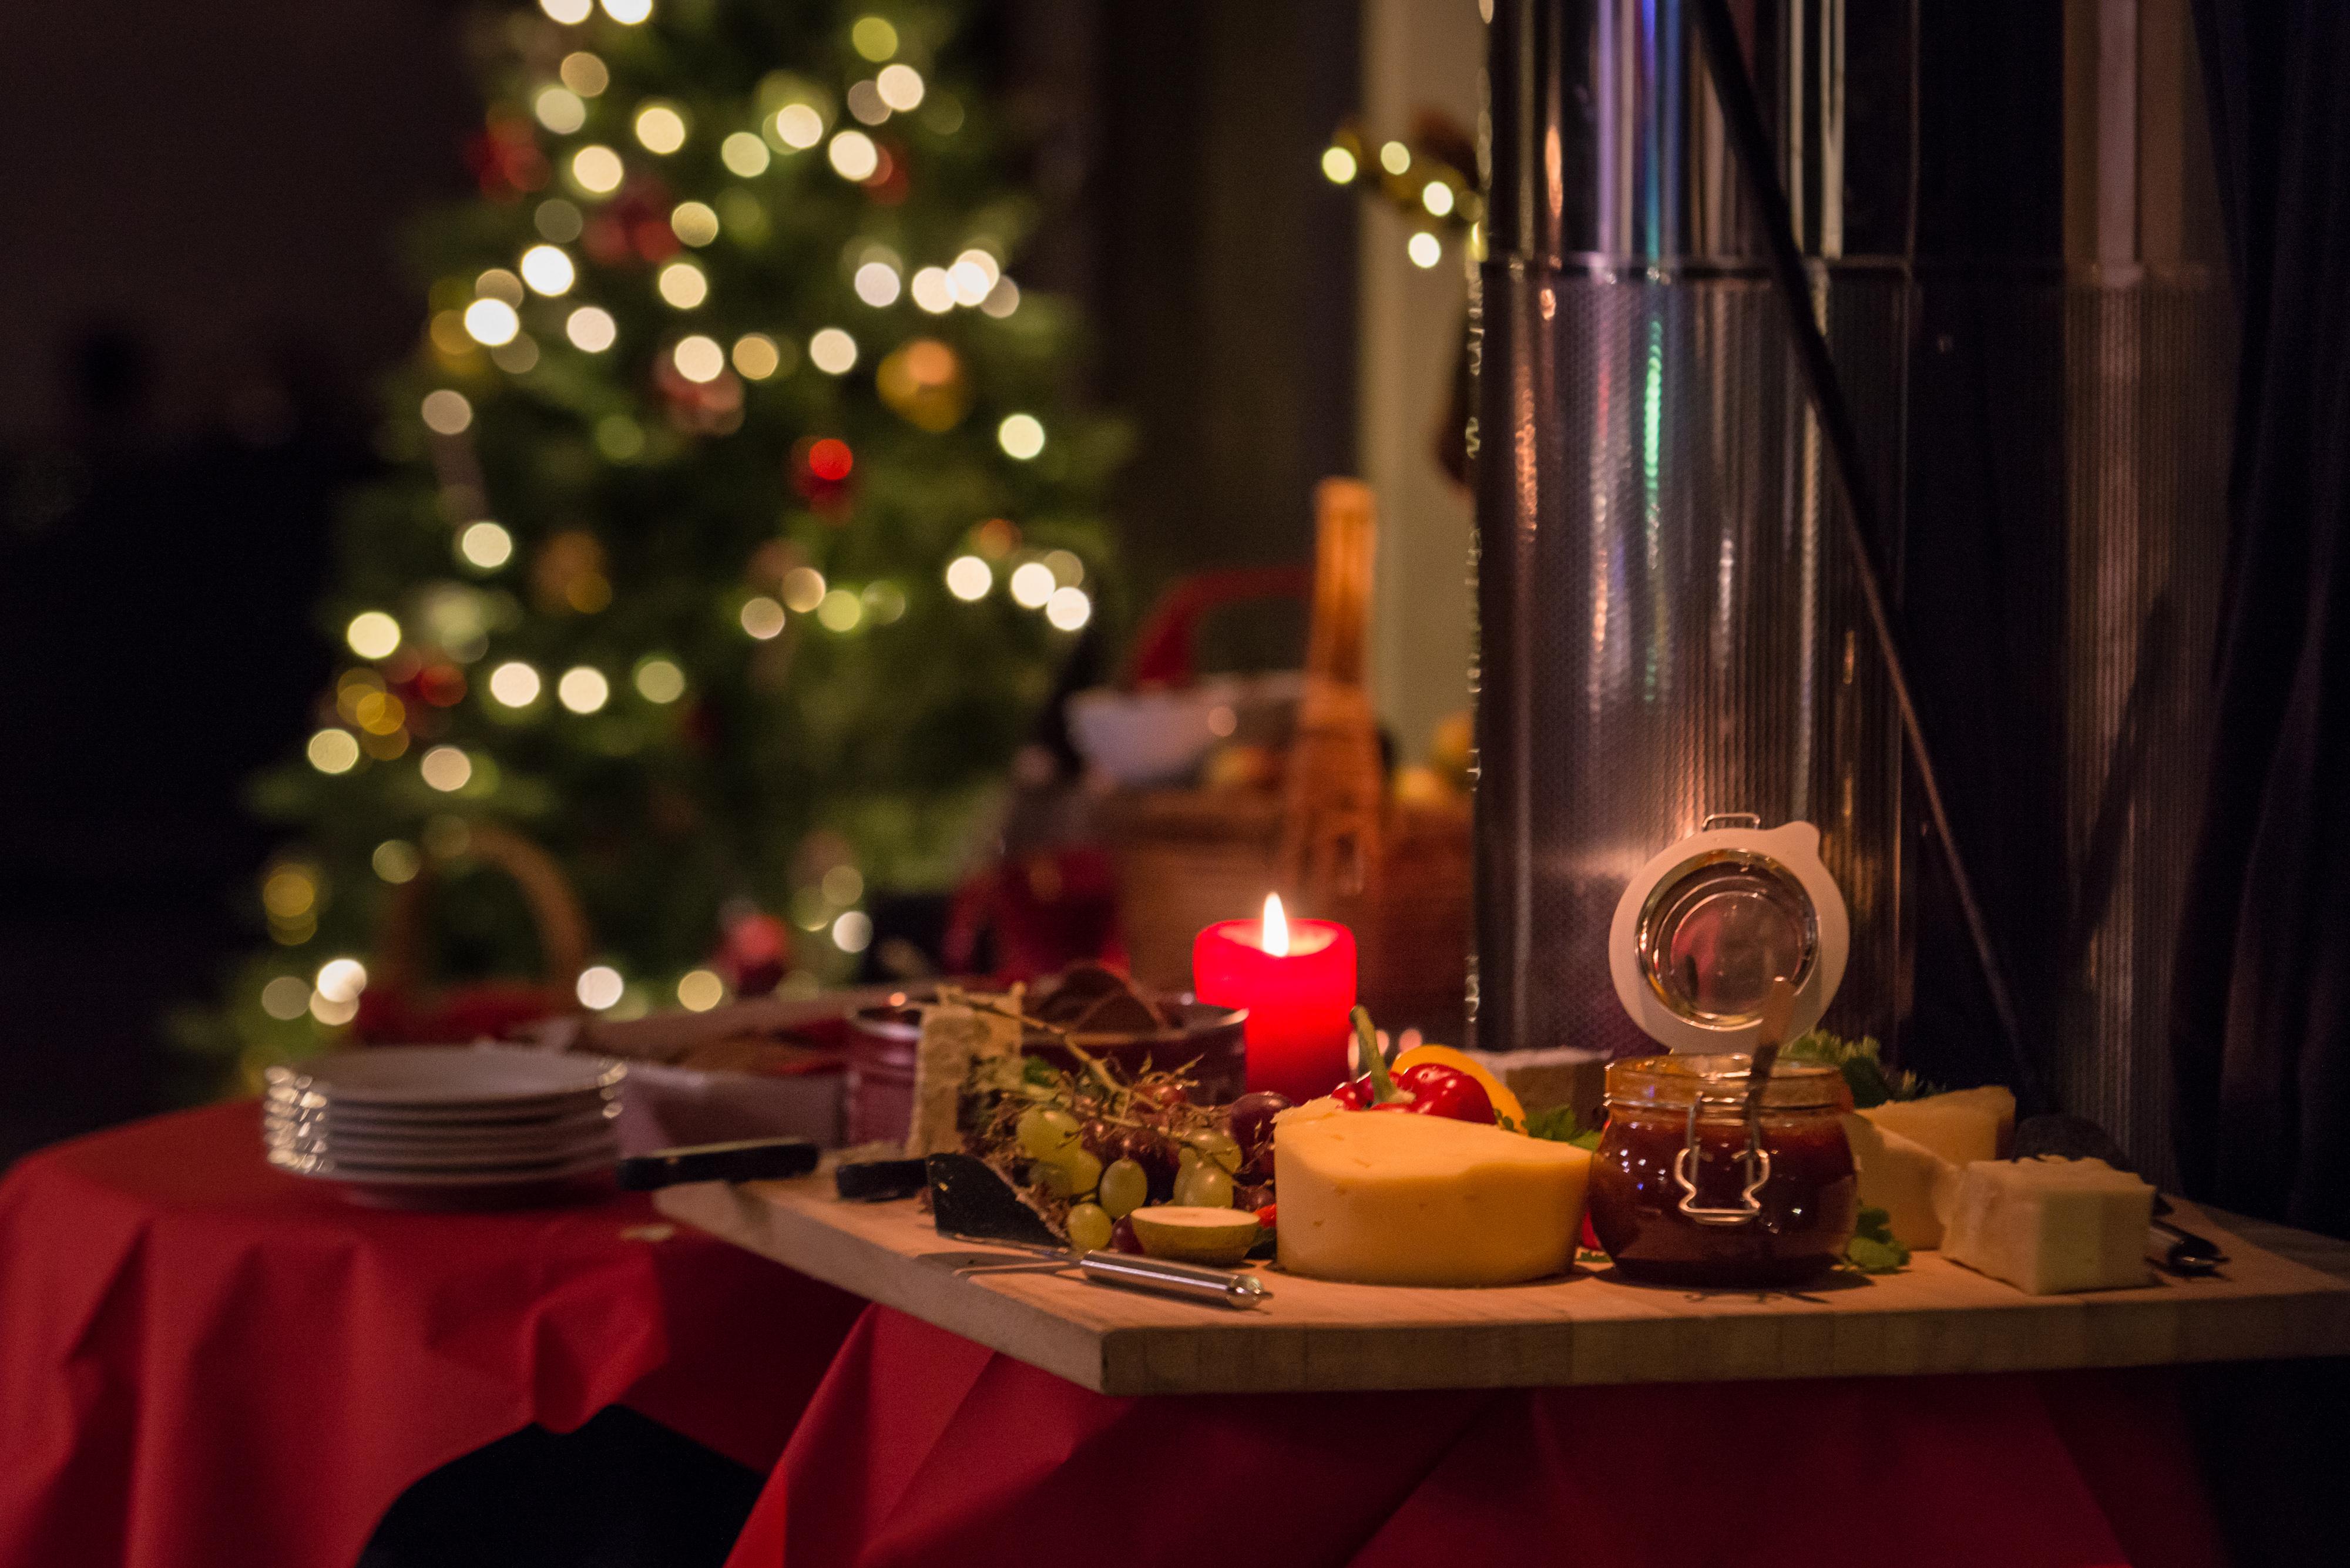 Julbord på Nordens största arena - Ullevi restaurang och konferens i Göteborg.